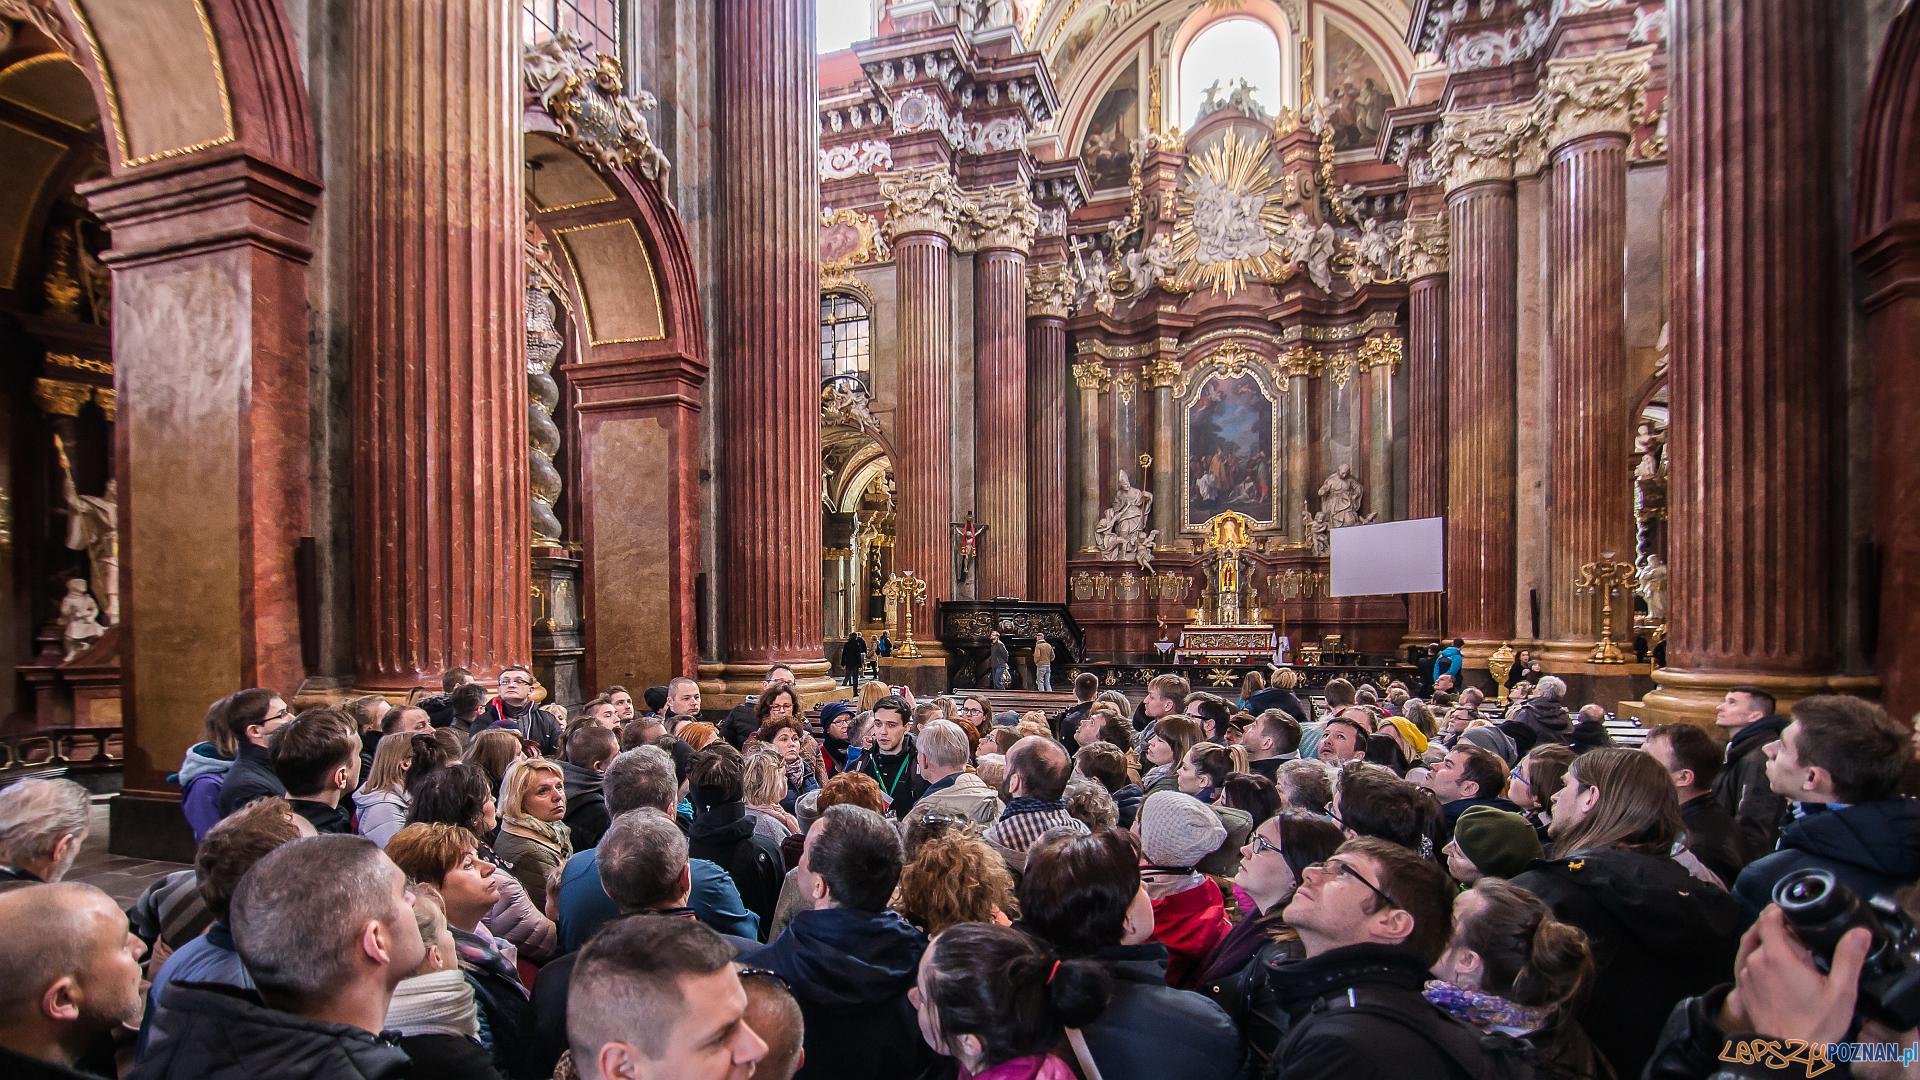 Udany jubileusz akcji Poznań za pół ceny - wycieczka w Farze  Foto: PLOT / Jakub Pindych